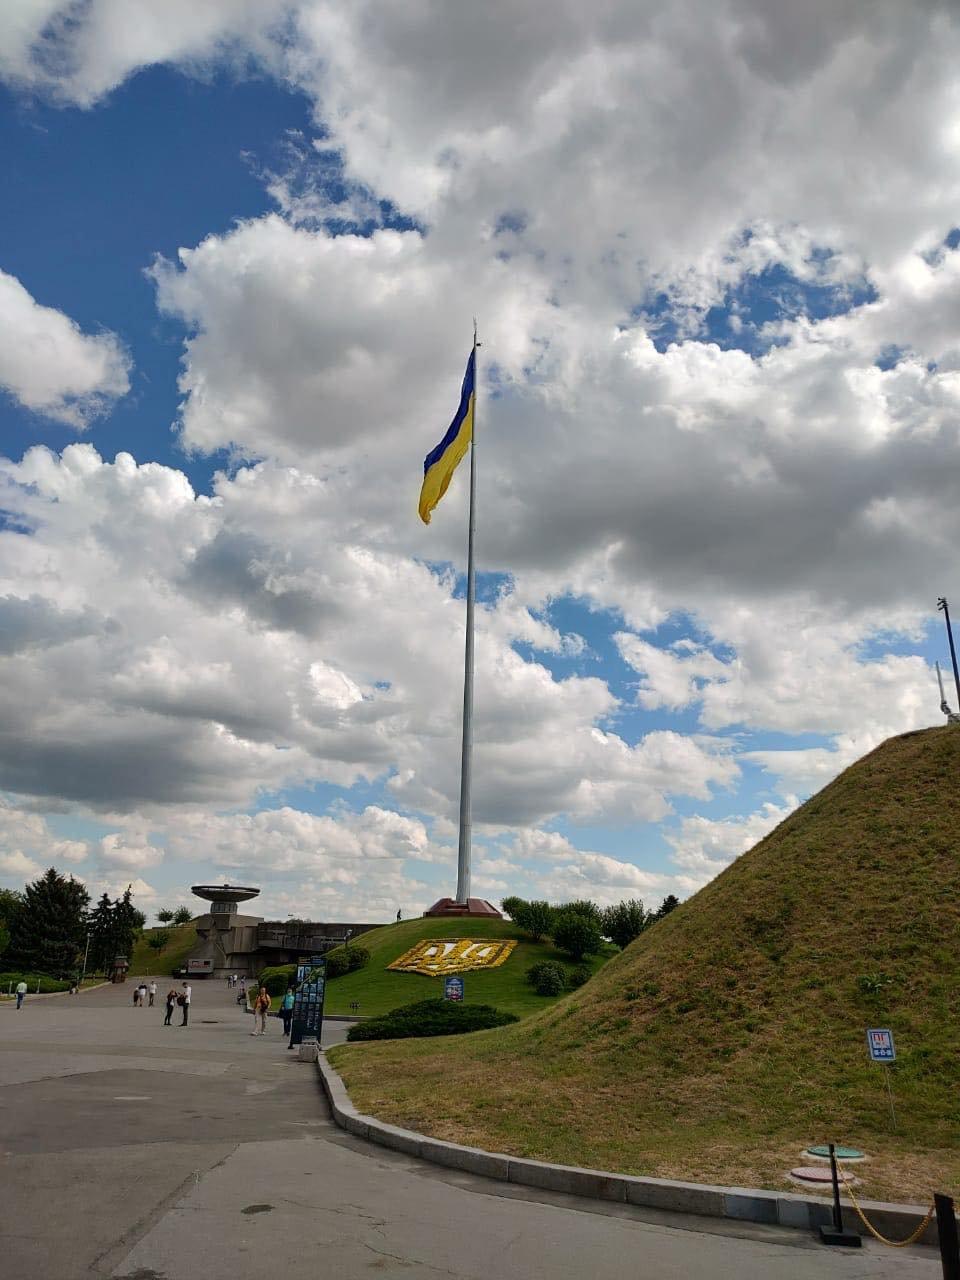 С нового флагштока в центре Киева сняли огромный флаг: что произошло, ФОТО, фото-2, Фото Виталия Кличко